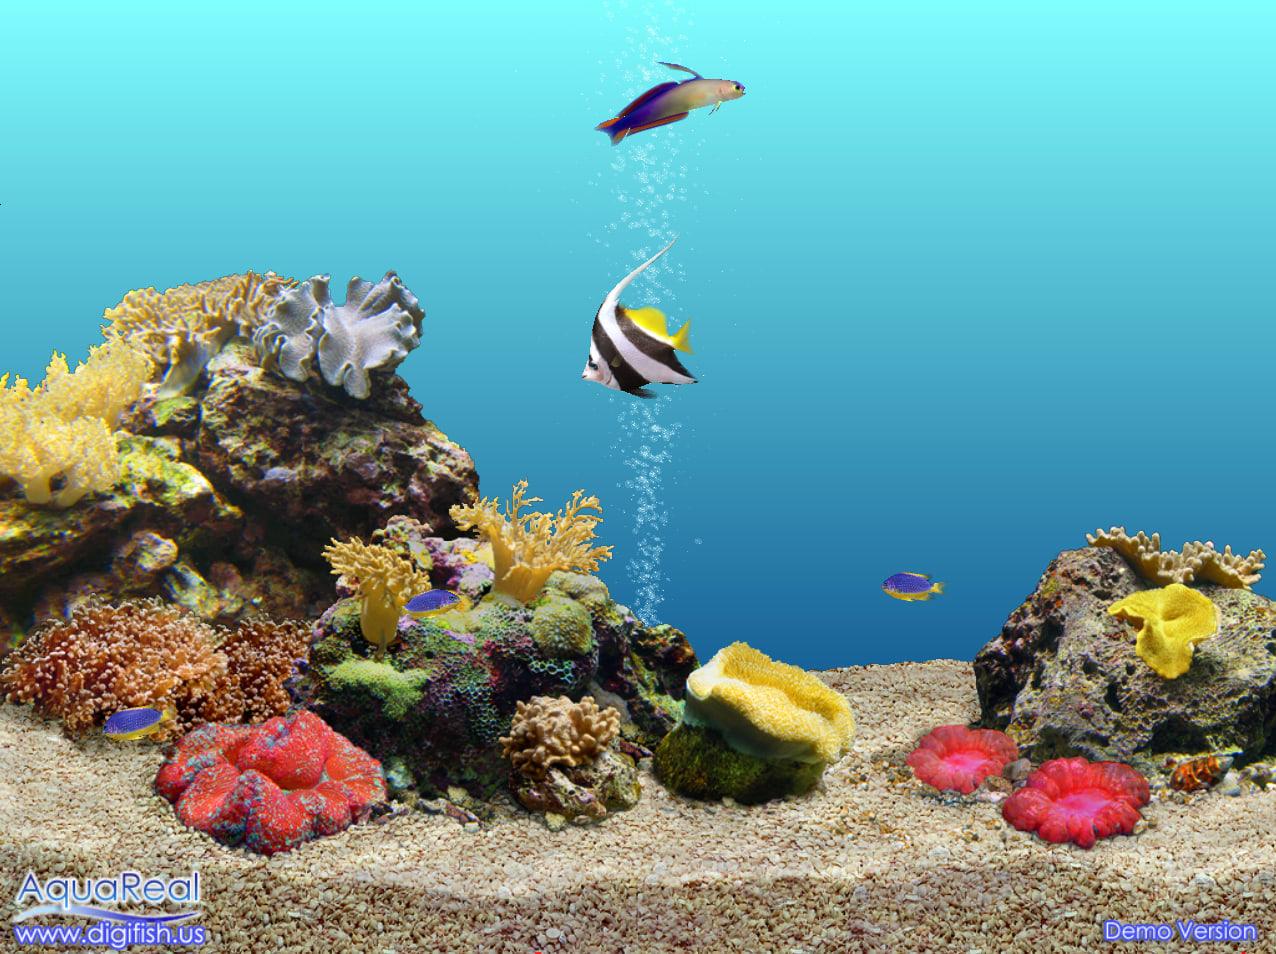 Aquareal descargar for Bajar fondos de pantalla con movimiento gratis para pc